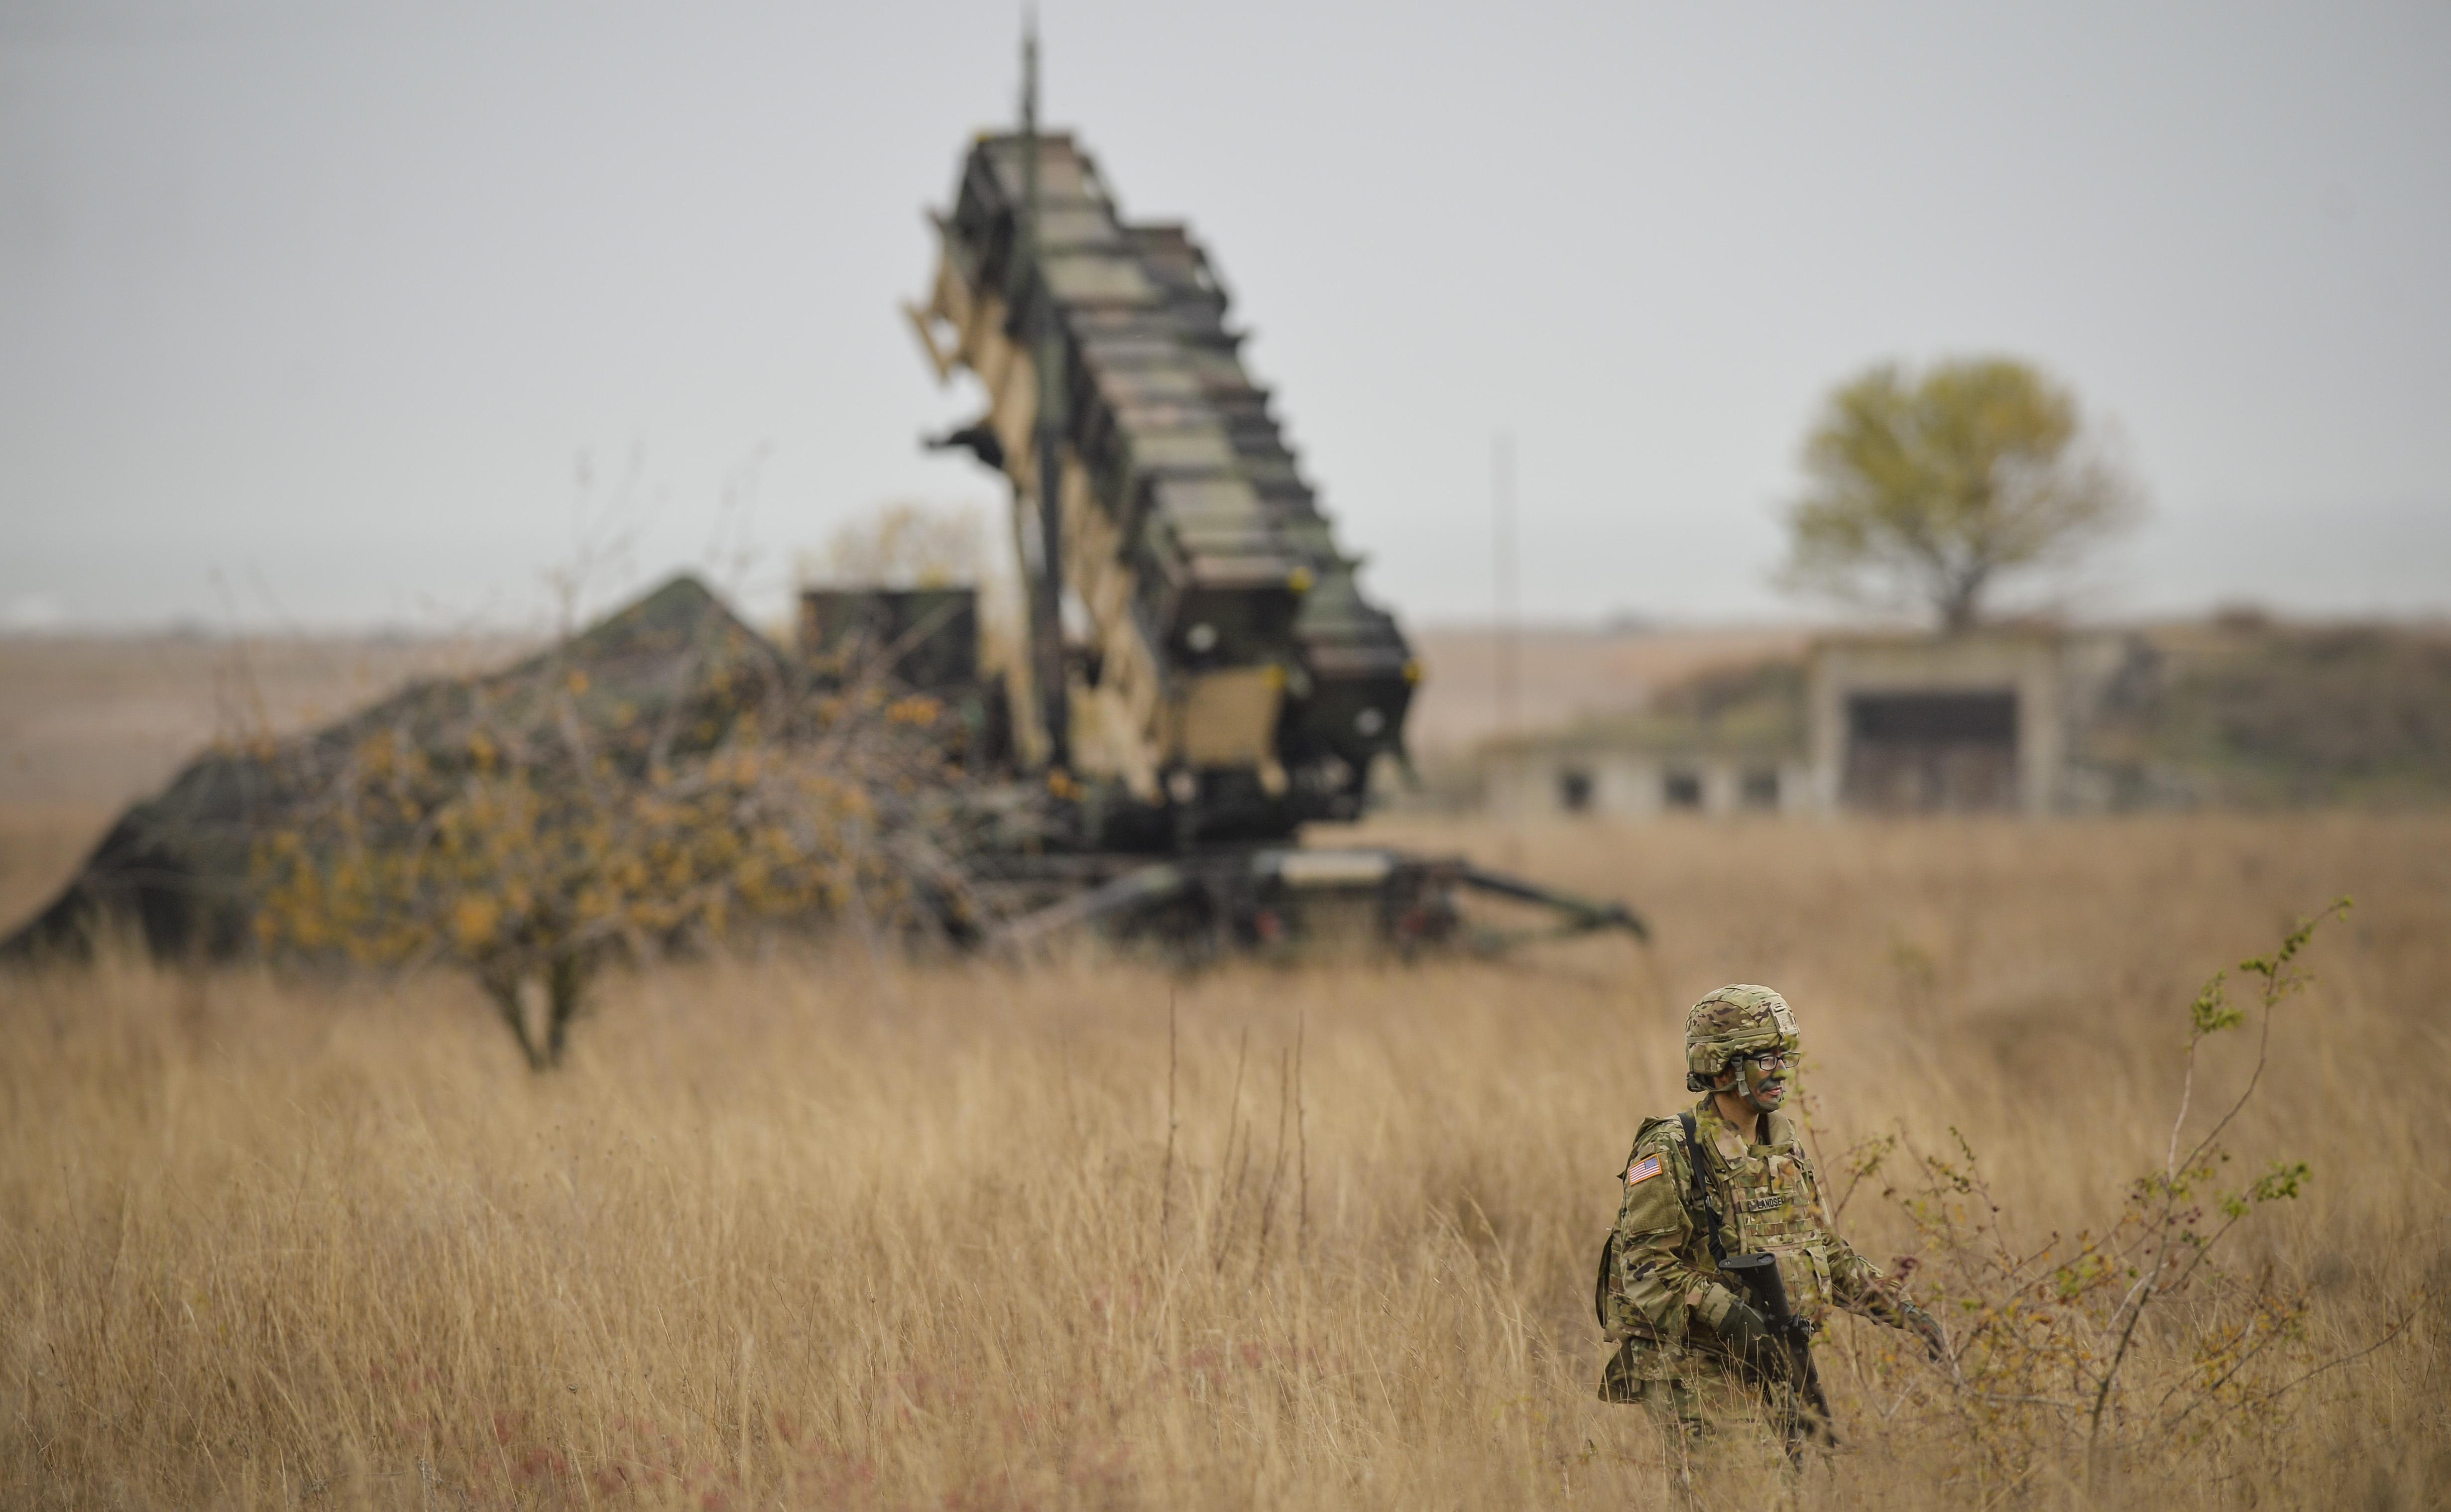 România se situează sub media europeană a cheltuielilor guvernamentale alocate pentru apărare